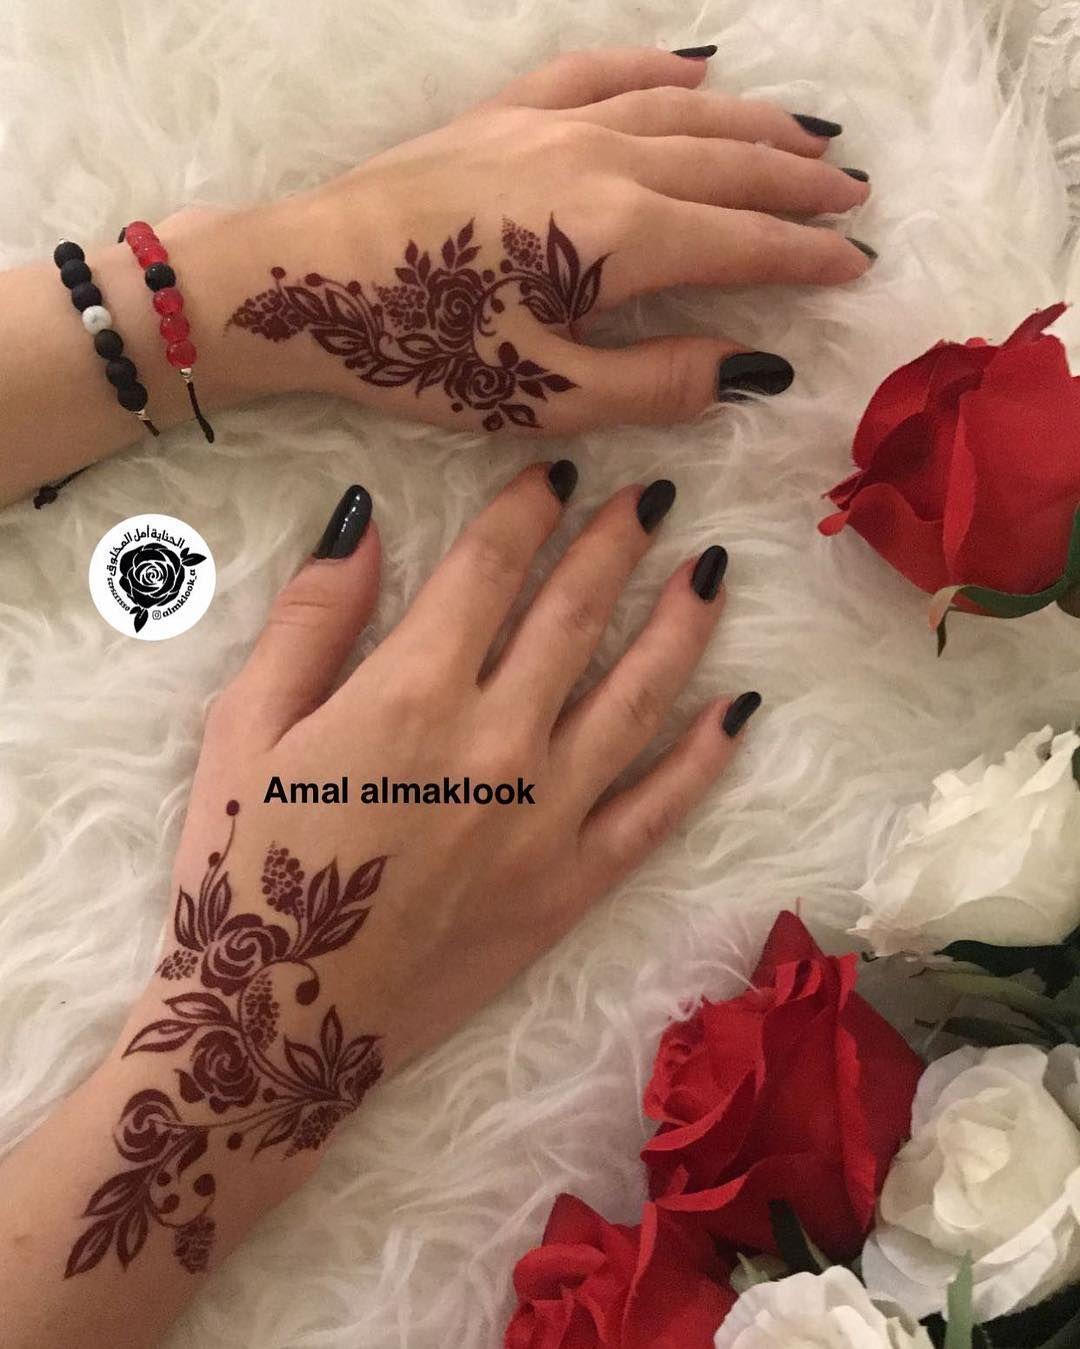 الحنايه امل المخلوق On Instagram الحنايه أمل المخلوق حنايه عرايس حنا حنايات قطريات حناي Latest Henna Designs Finger Henna Designs Pretty Henna Designs